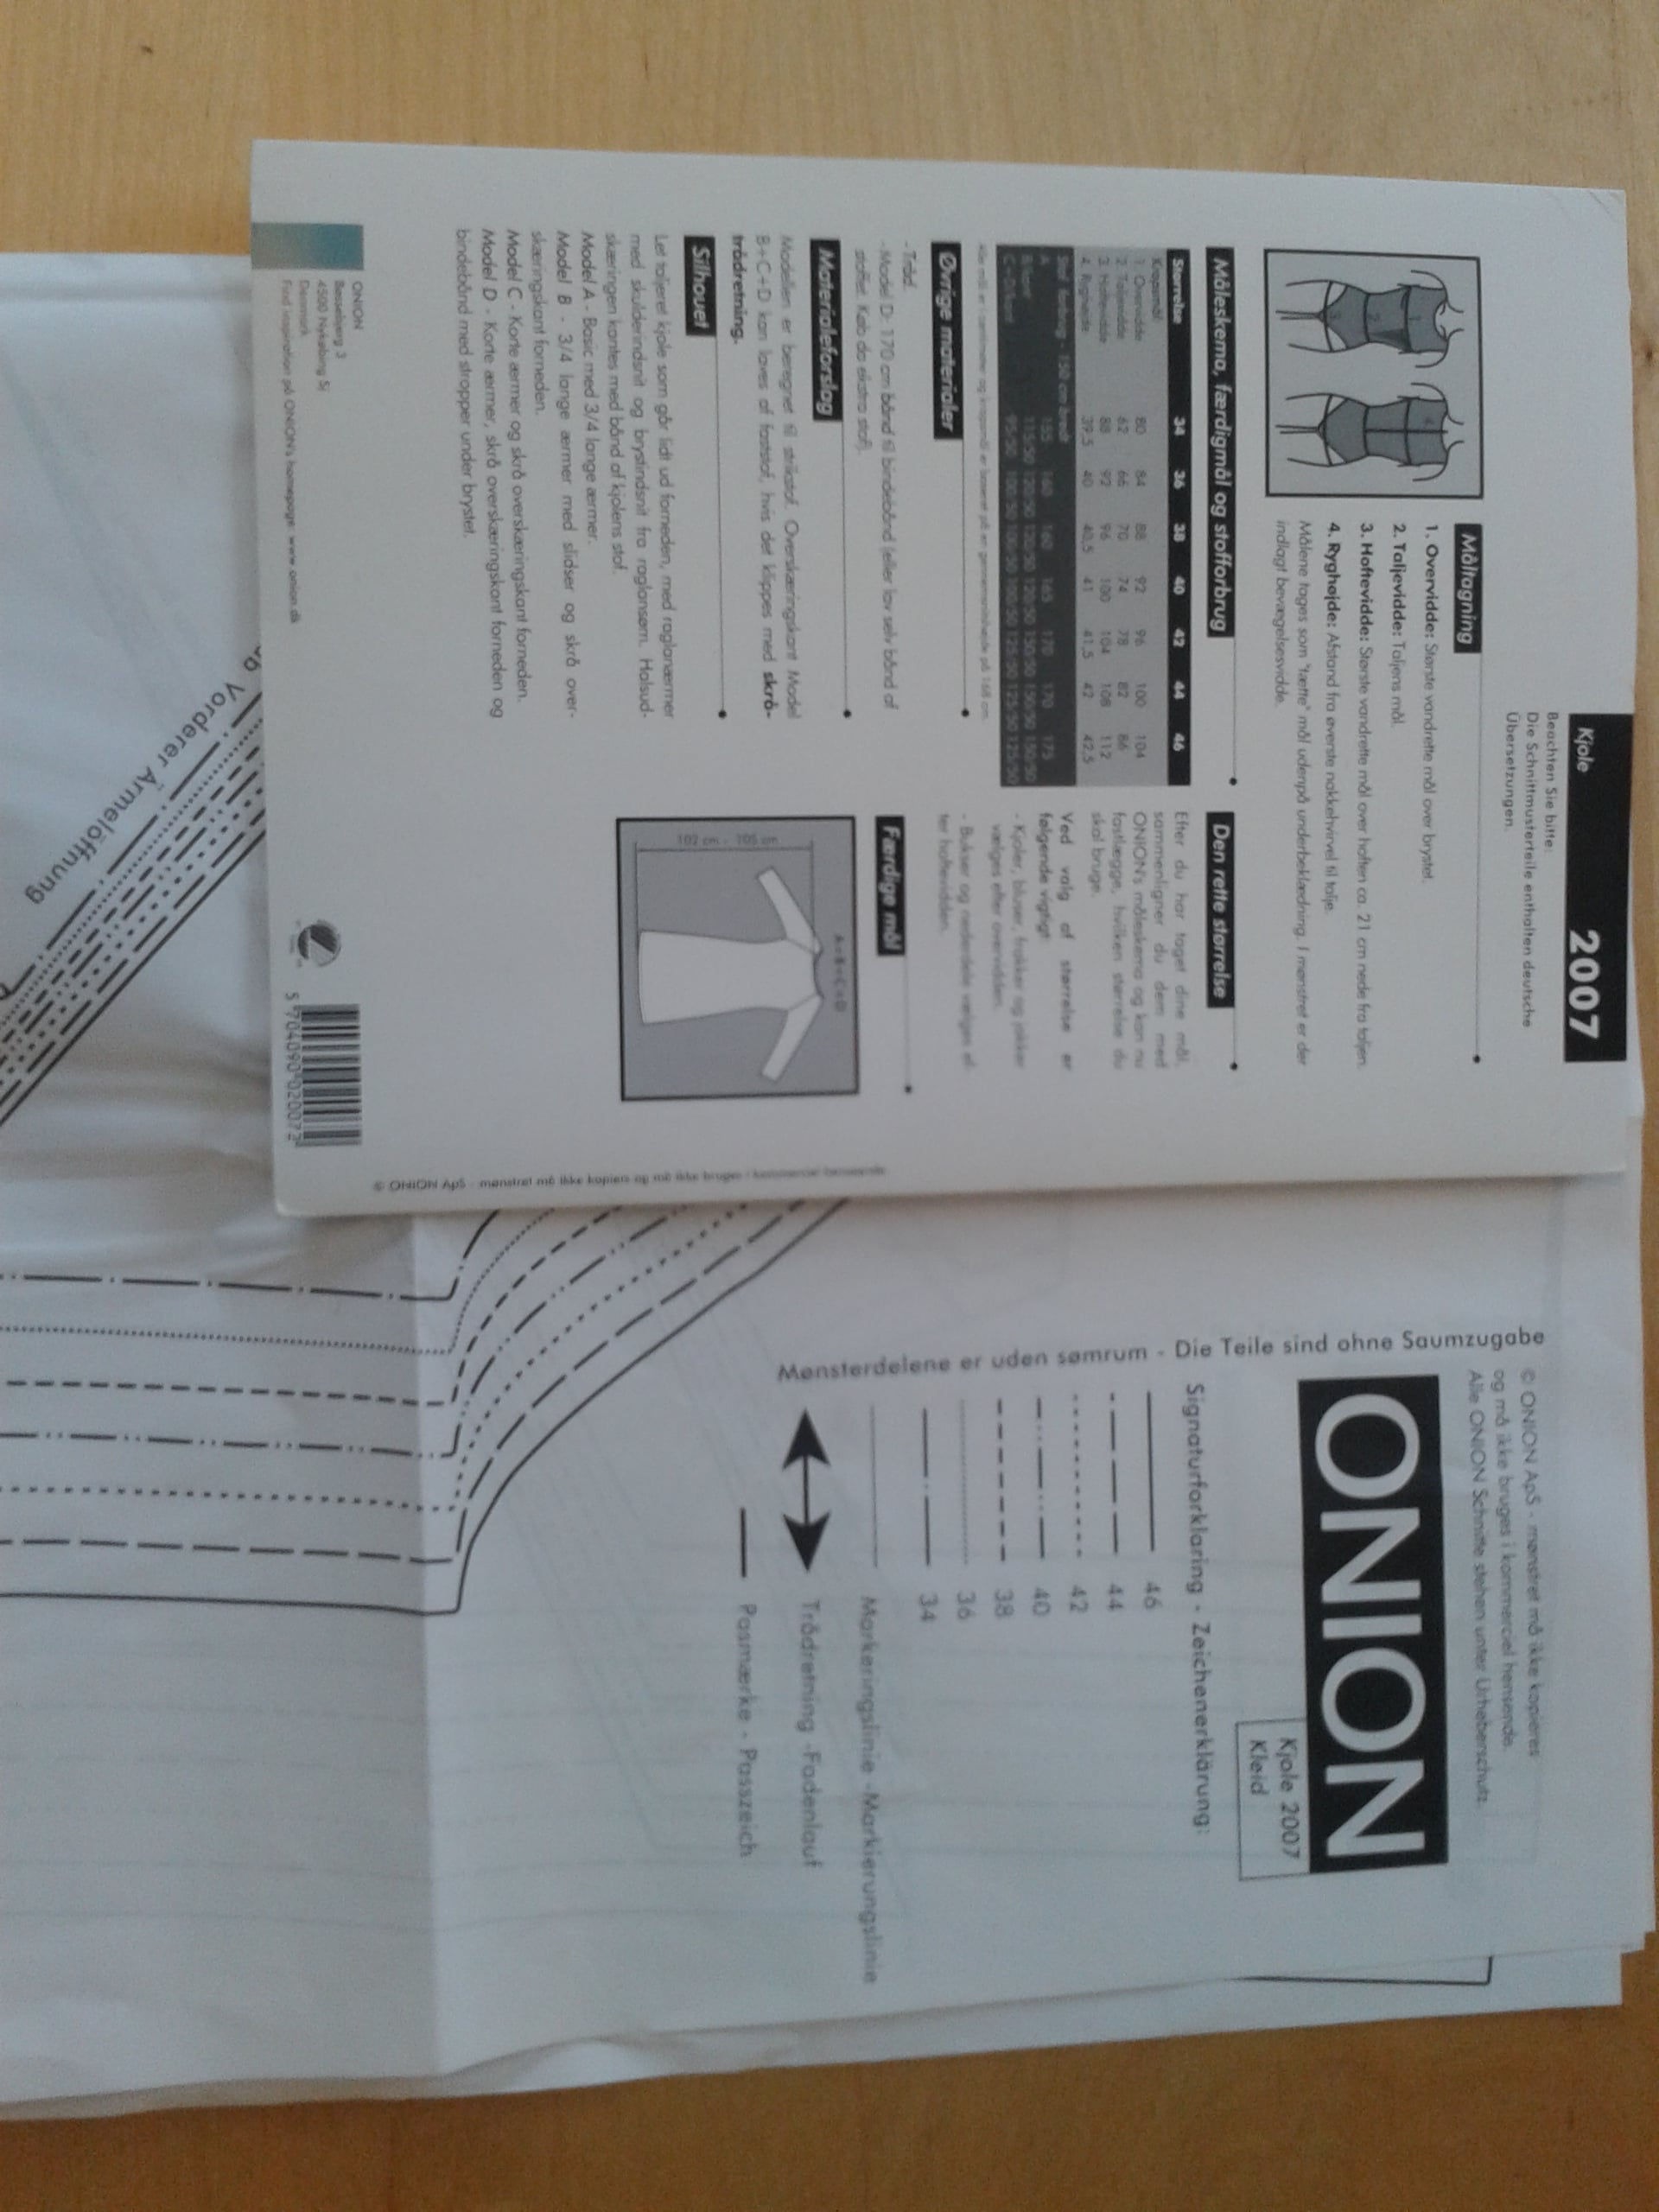 20130320 Onion mønster består av mønster i str. 34-46 og sømforklaring